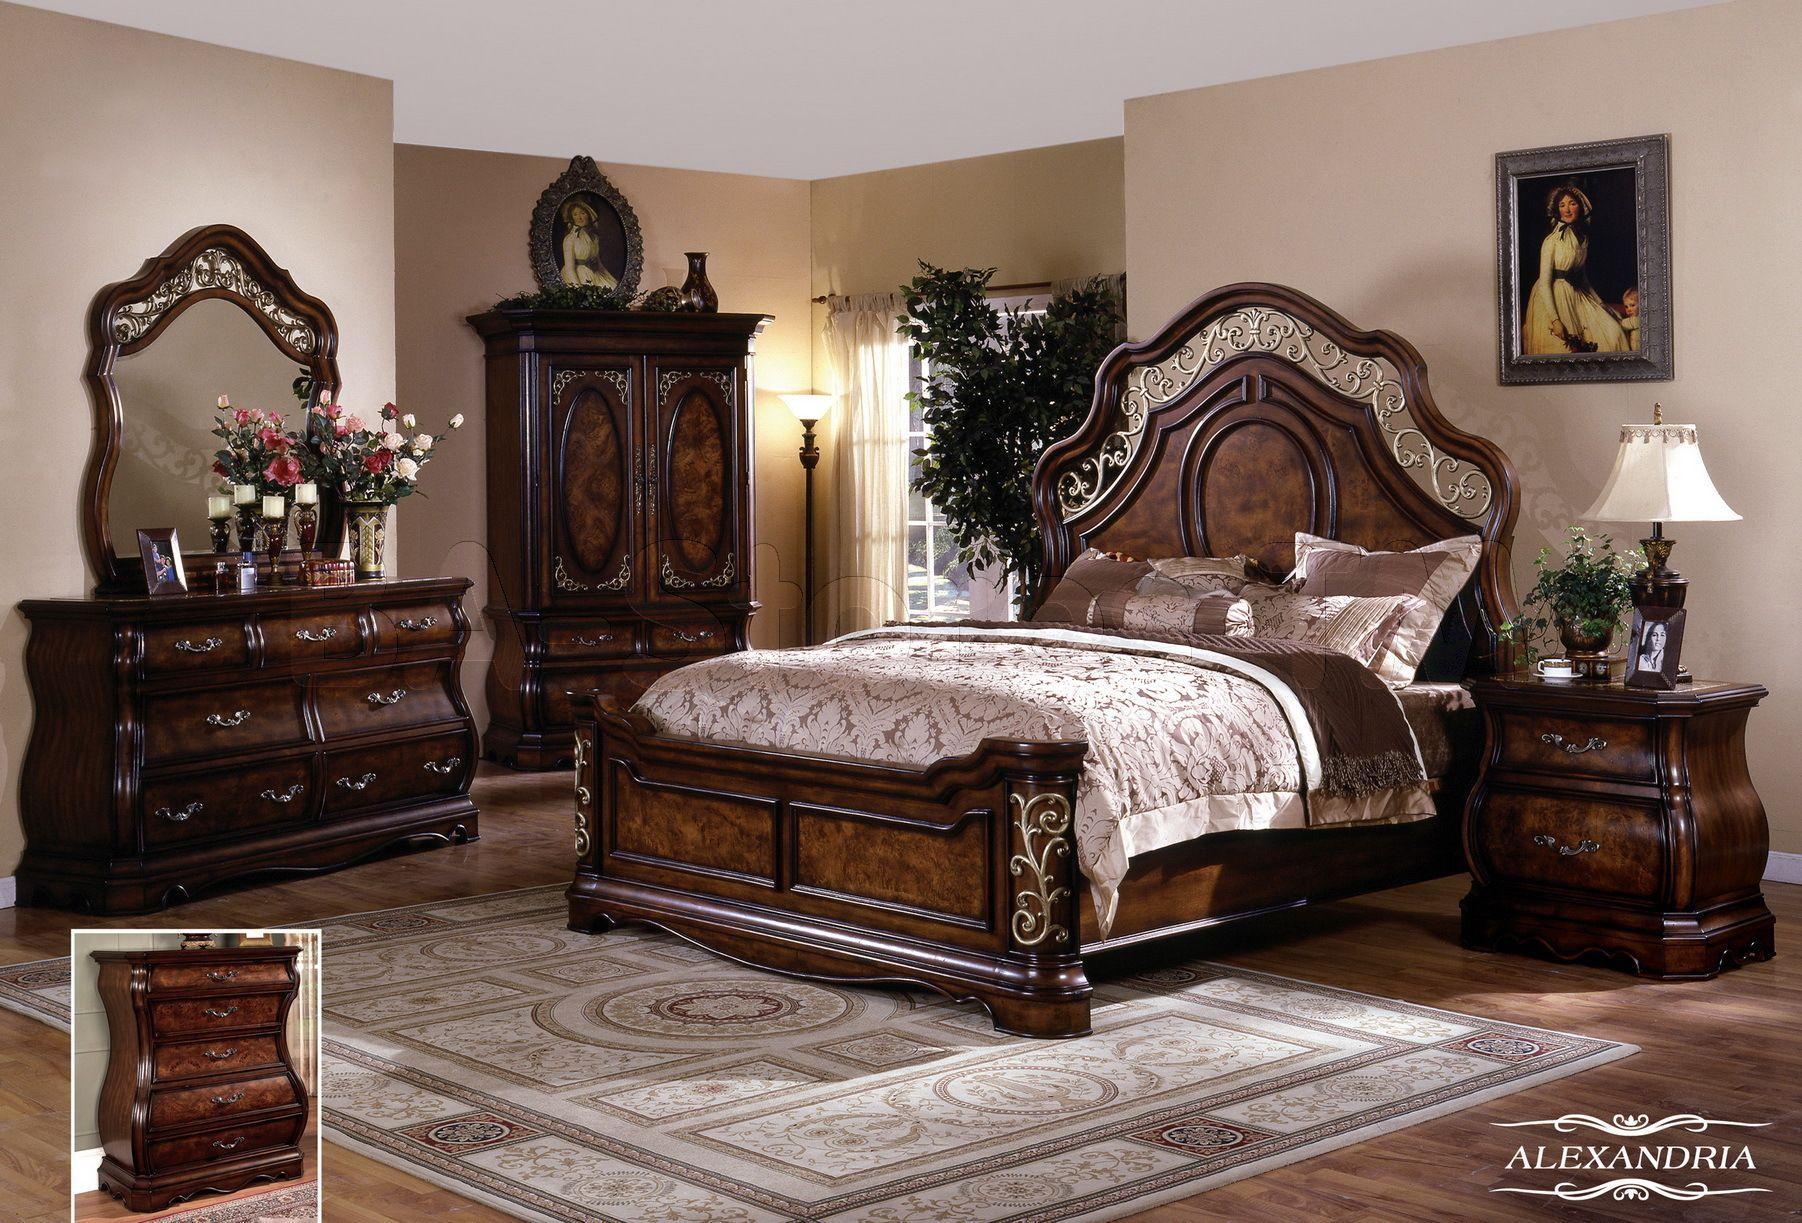 Classic Bedroom Set Queen Bed Dresser Mirror And Nightstands